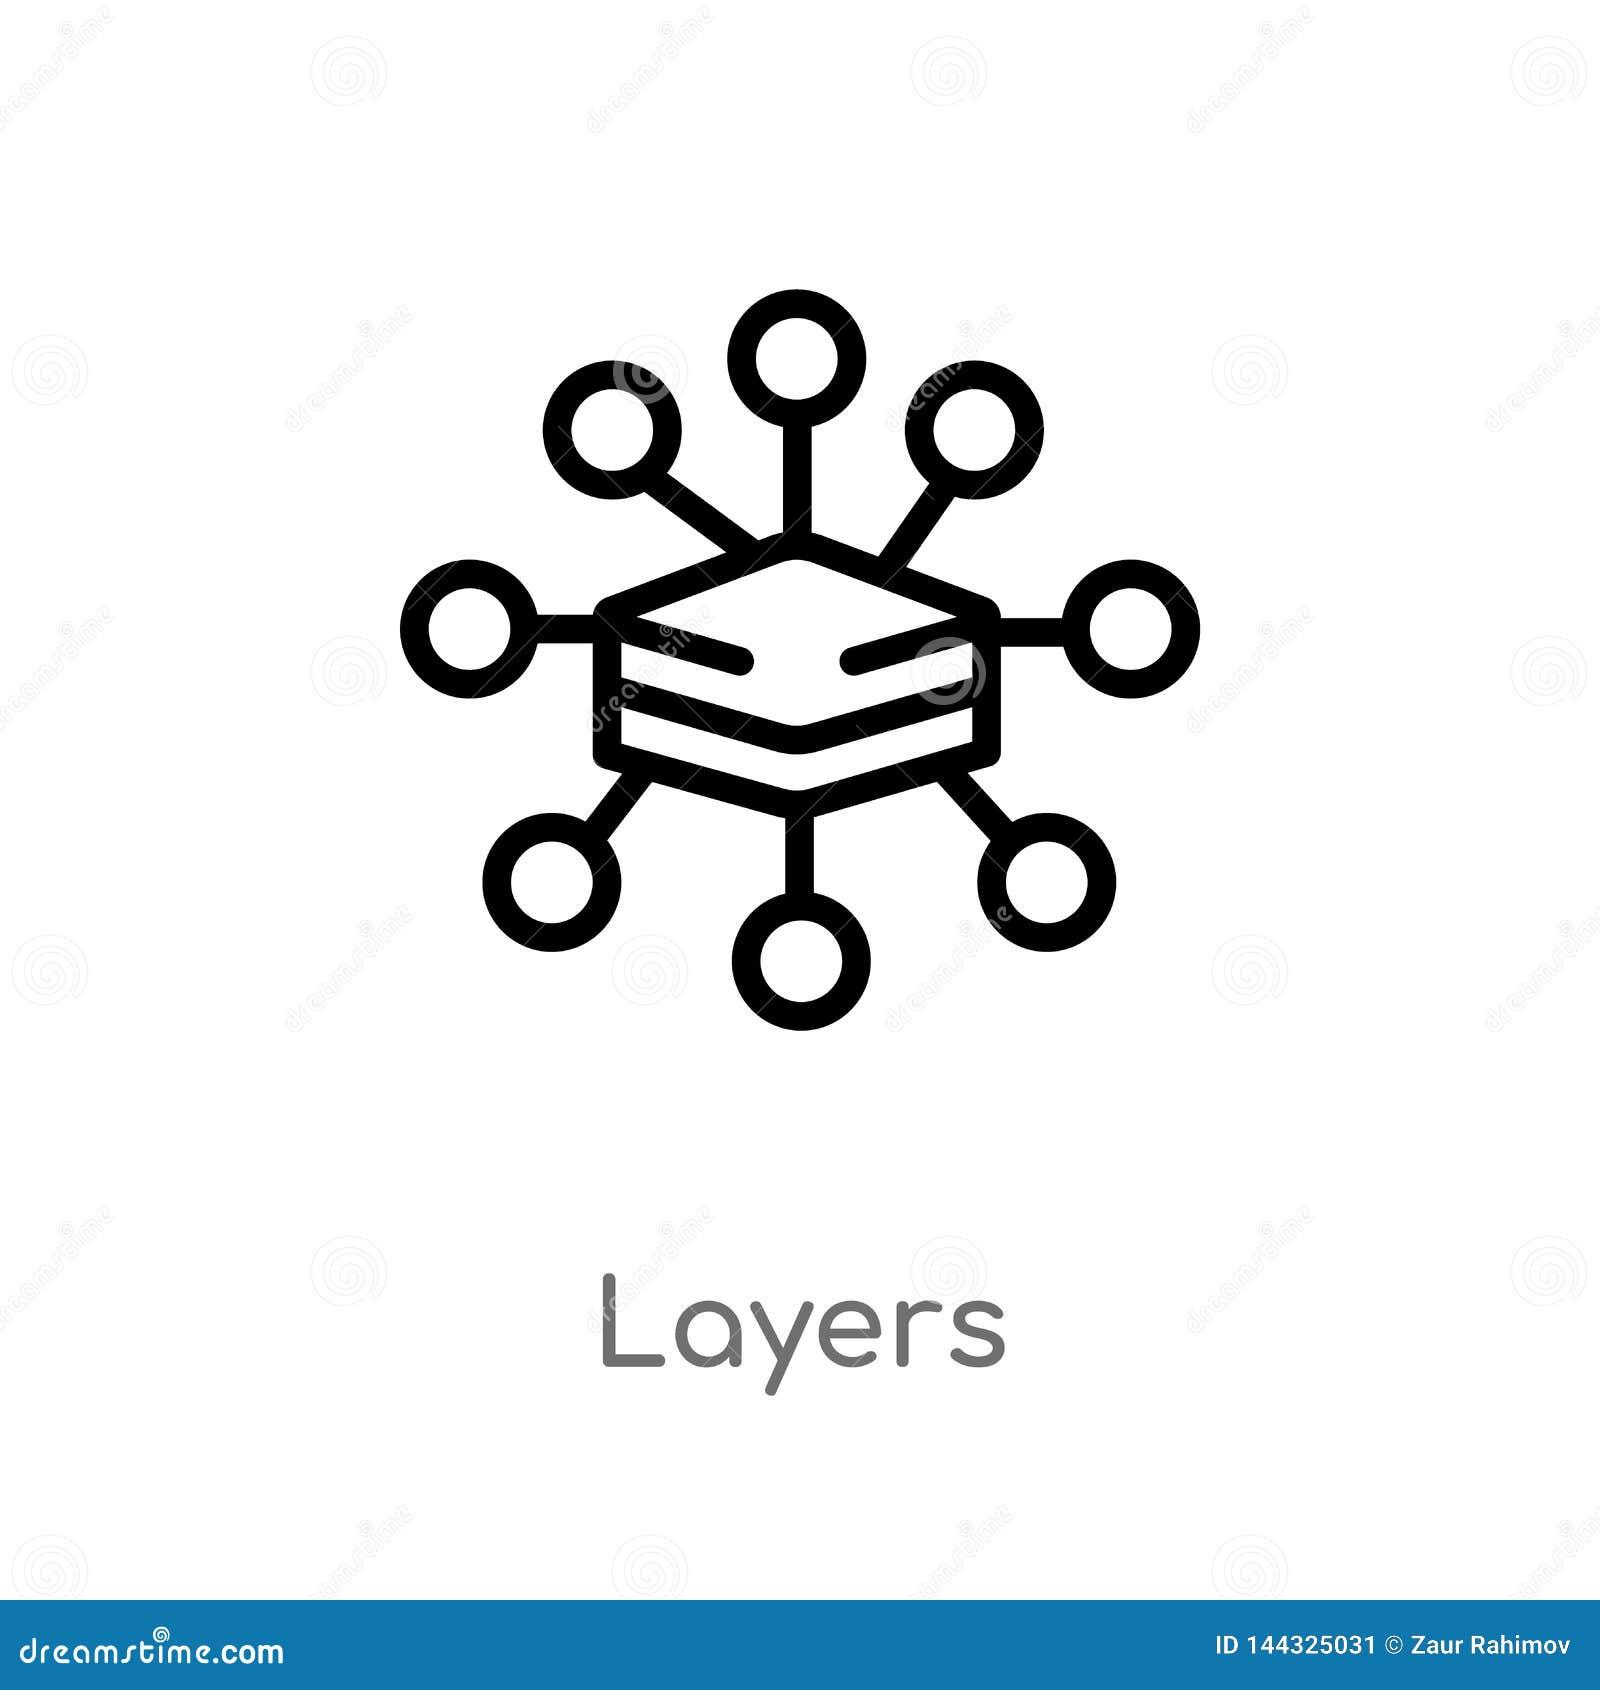 Kontur ablegruje wektorową ikonę odosobniona czarna prosta kreskowego elementu ilustracja od du?ego dane poj?cia editable wektoro